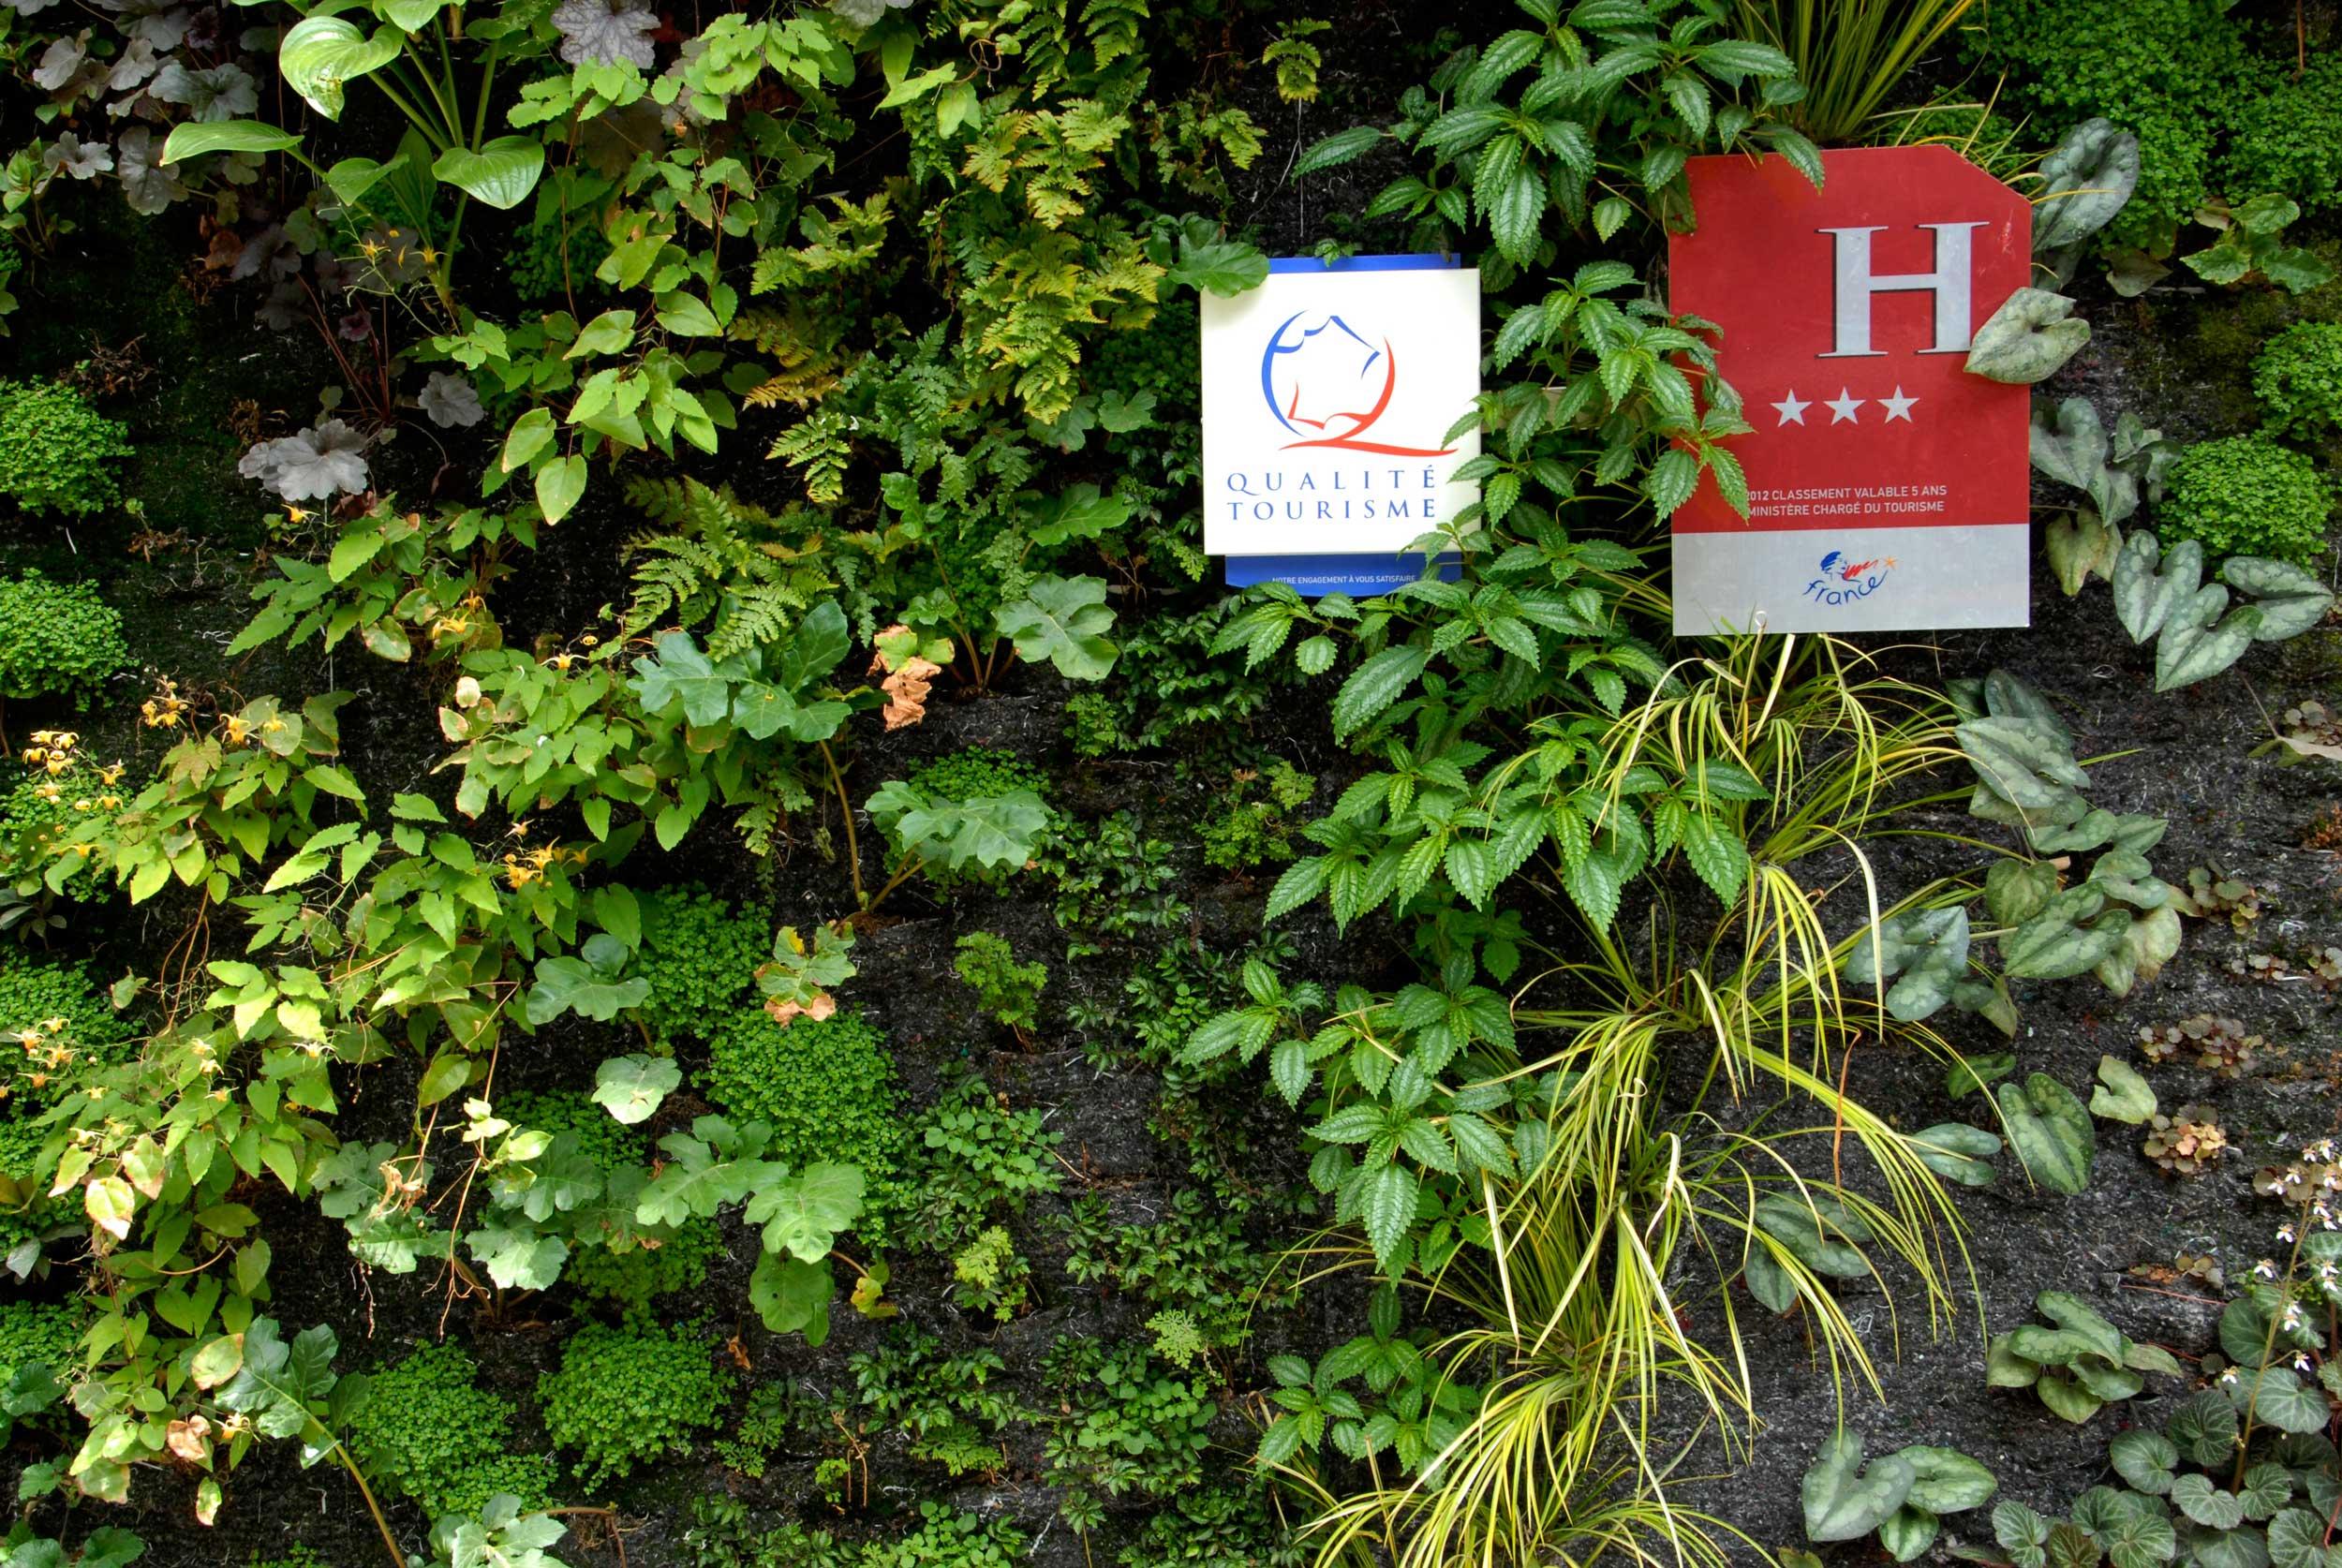 Green Hotel Sainte Genevieve Des Bois - Green Hotel Sainte Genevieve Des Bois u2013 Myqto com